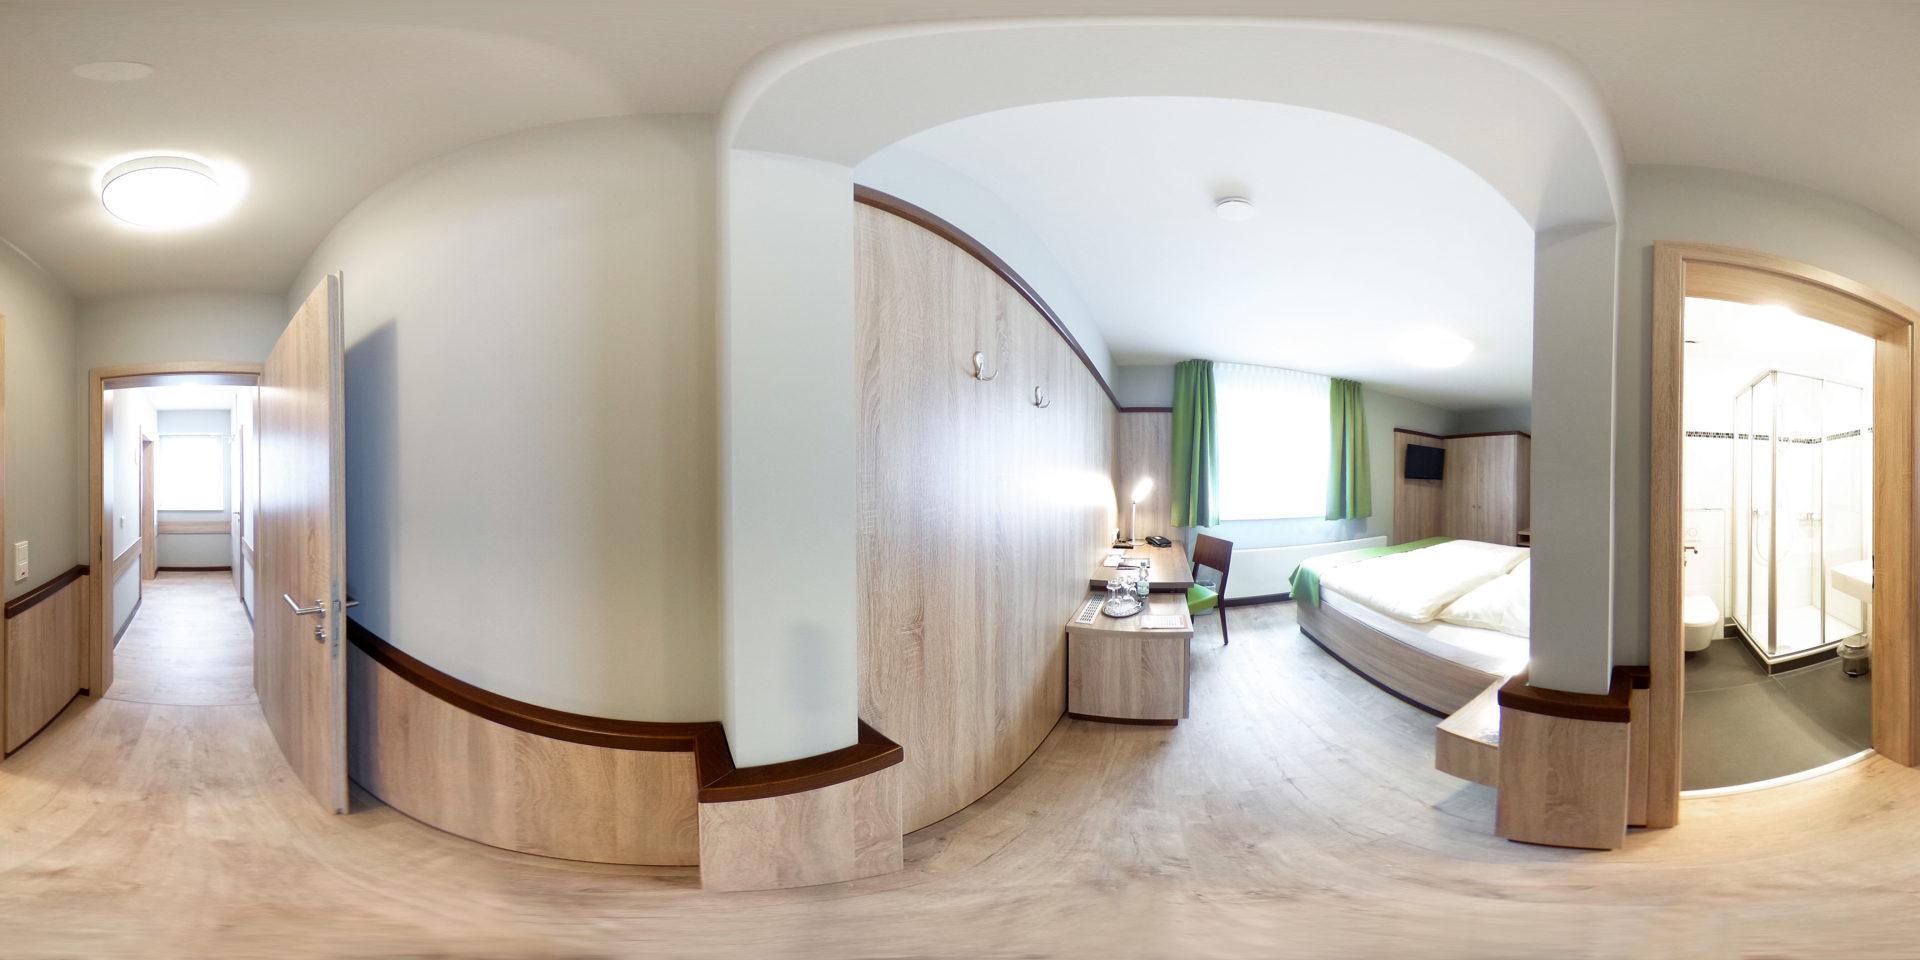 familienzimmer-hotel-koeln-overath-luedenbach-hotel